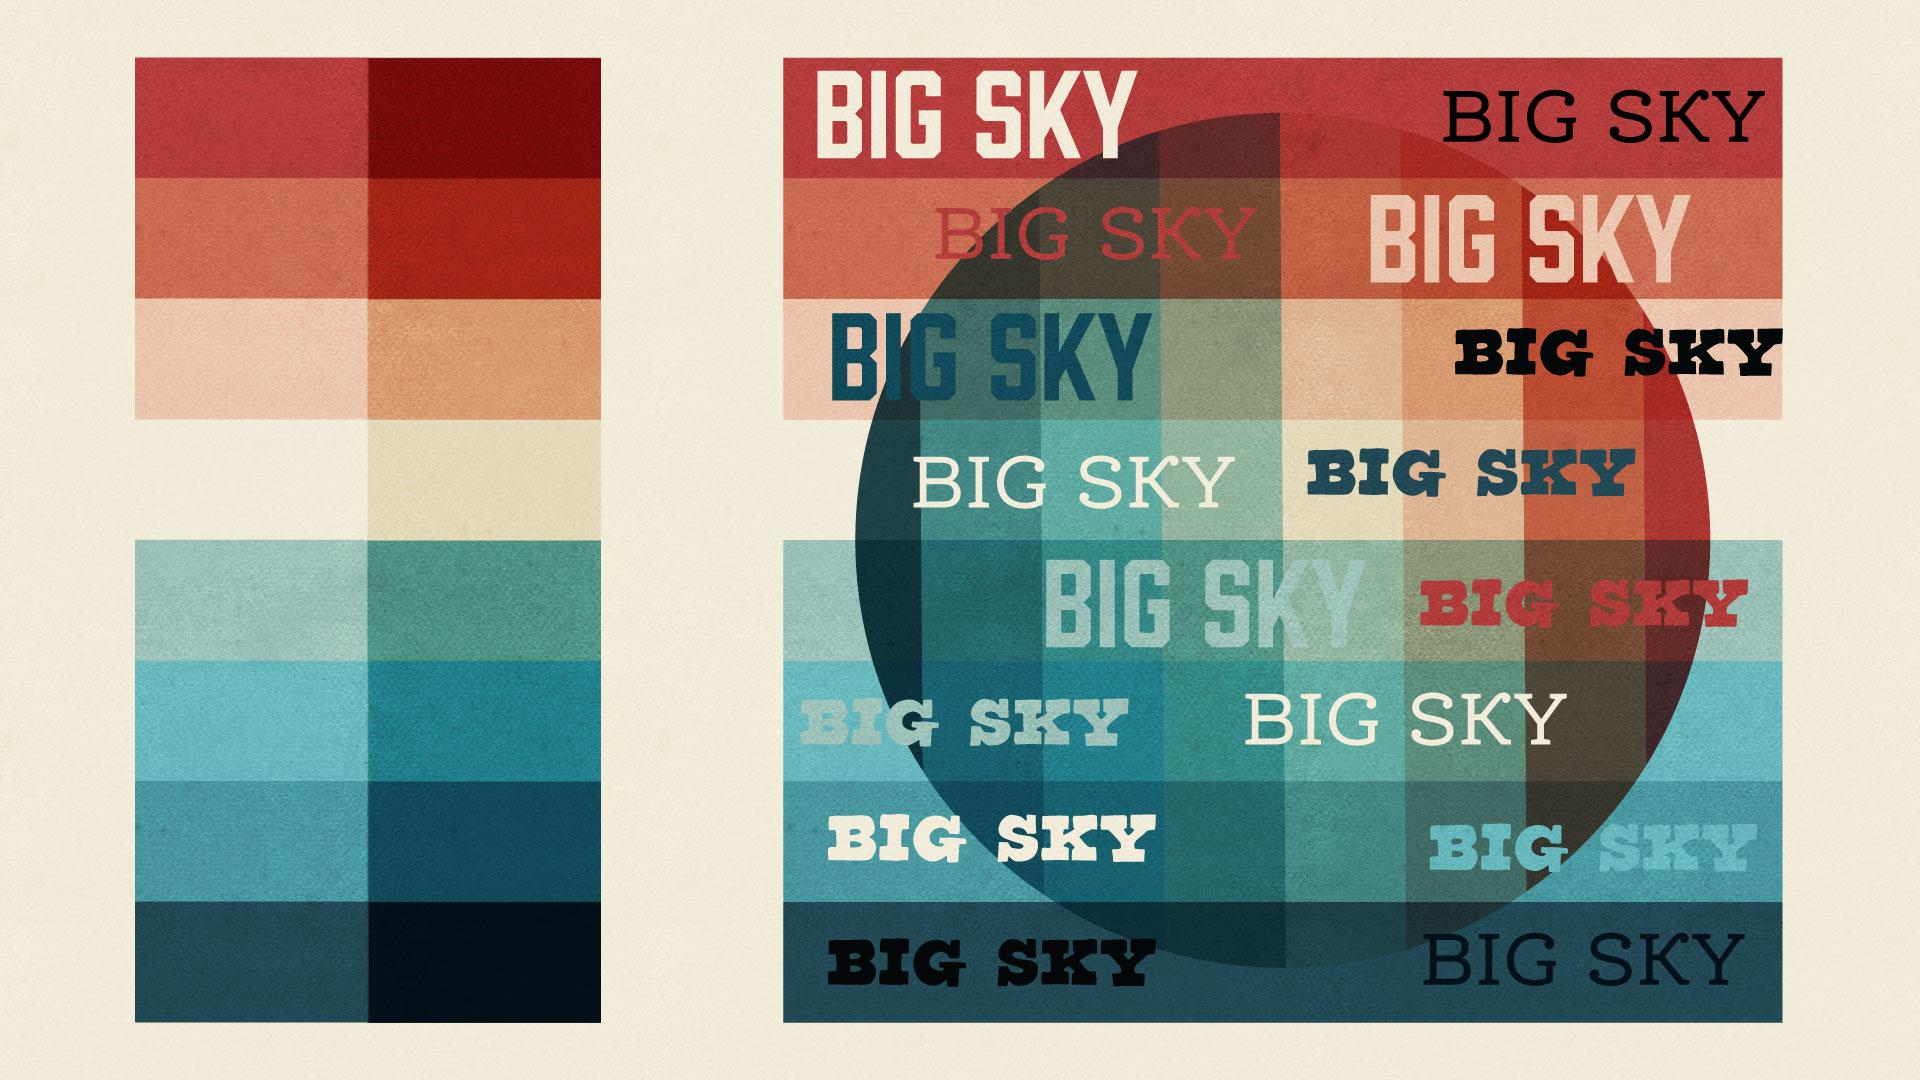 PB_BIGSKY_Branding_001.jpg